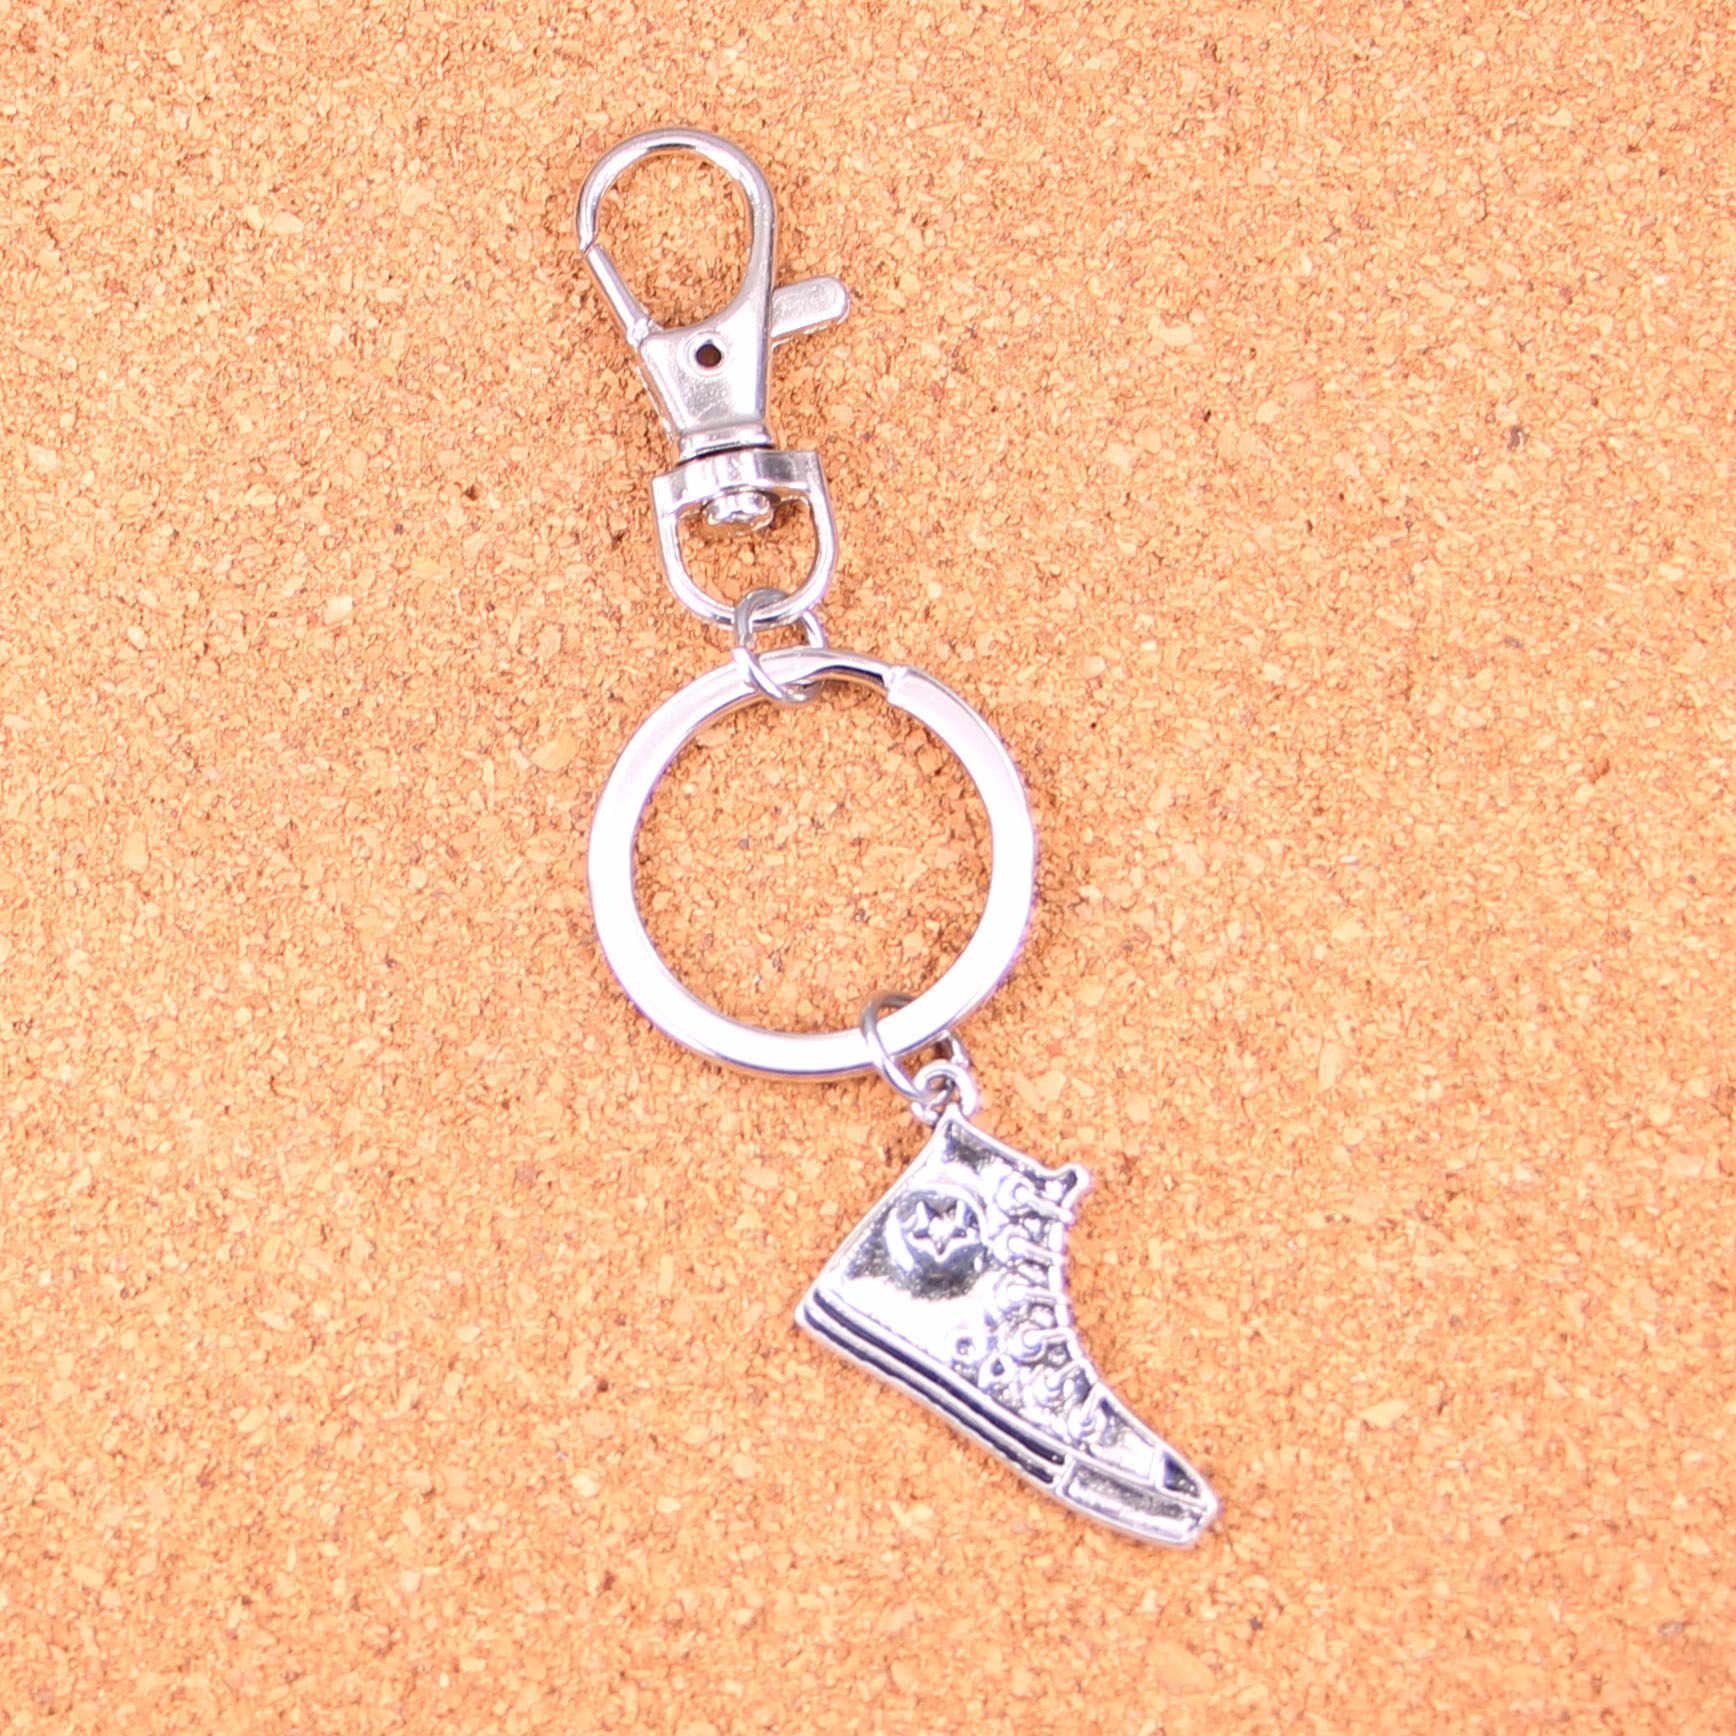 Basketbal Schoenen Sleutelhanger Portemonnee Auto Sleutelhanger Tas Decoratieve Alloy Sleutelhanger Hanger Bag Purse Auto Sleutelhanger Jewelry Gift